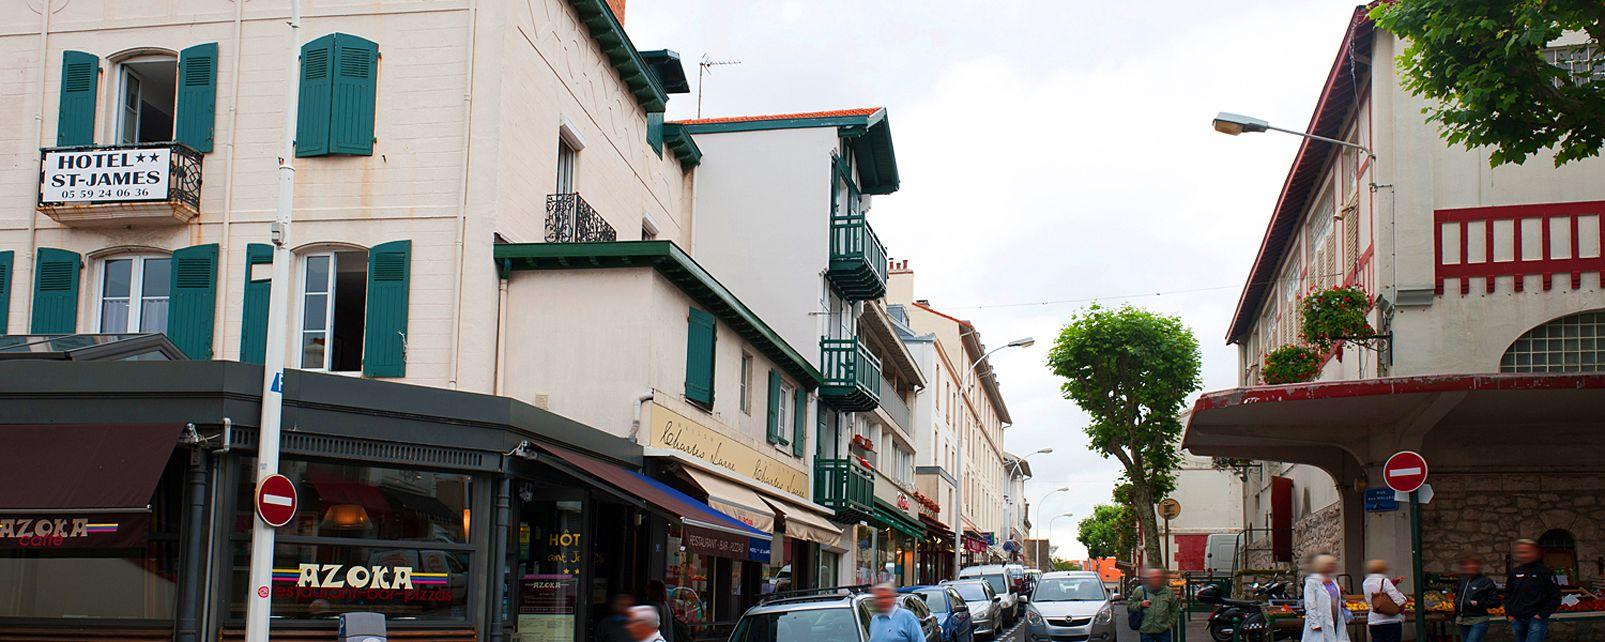 Hôtel Saint-James